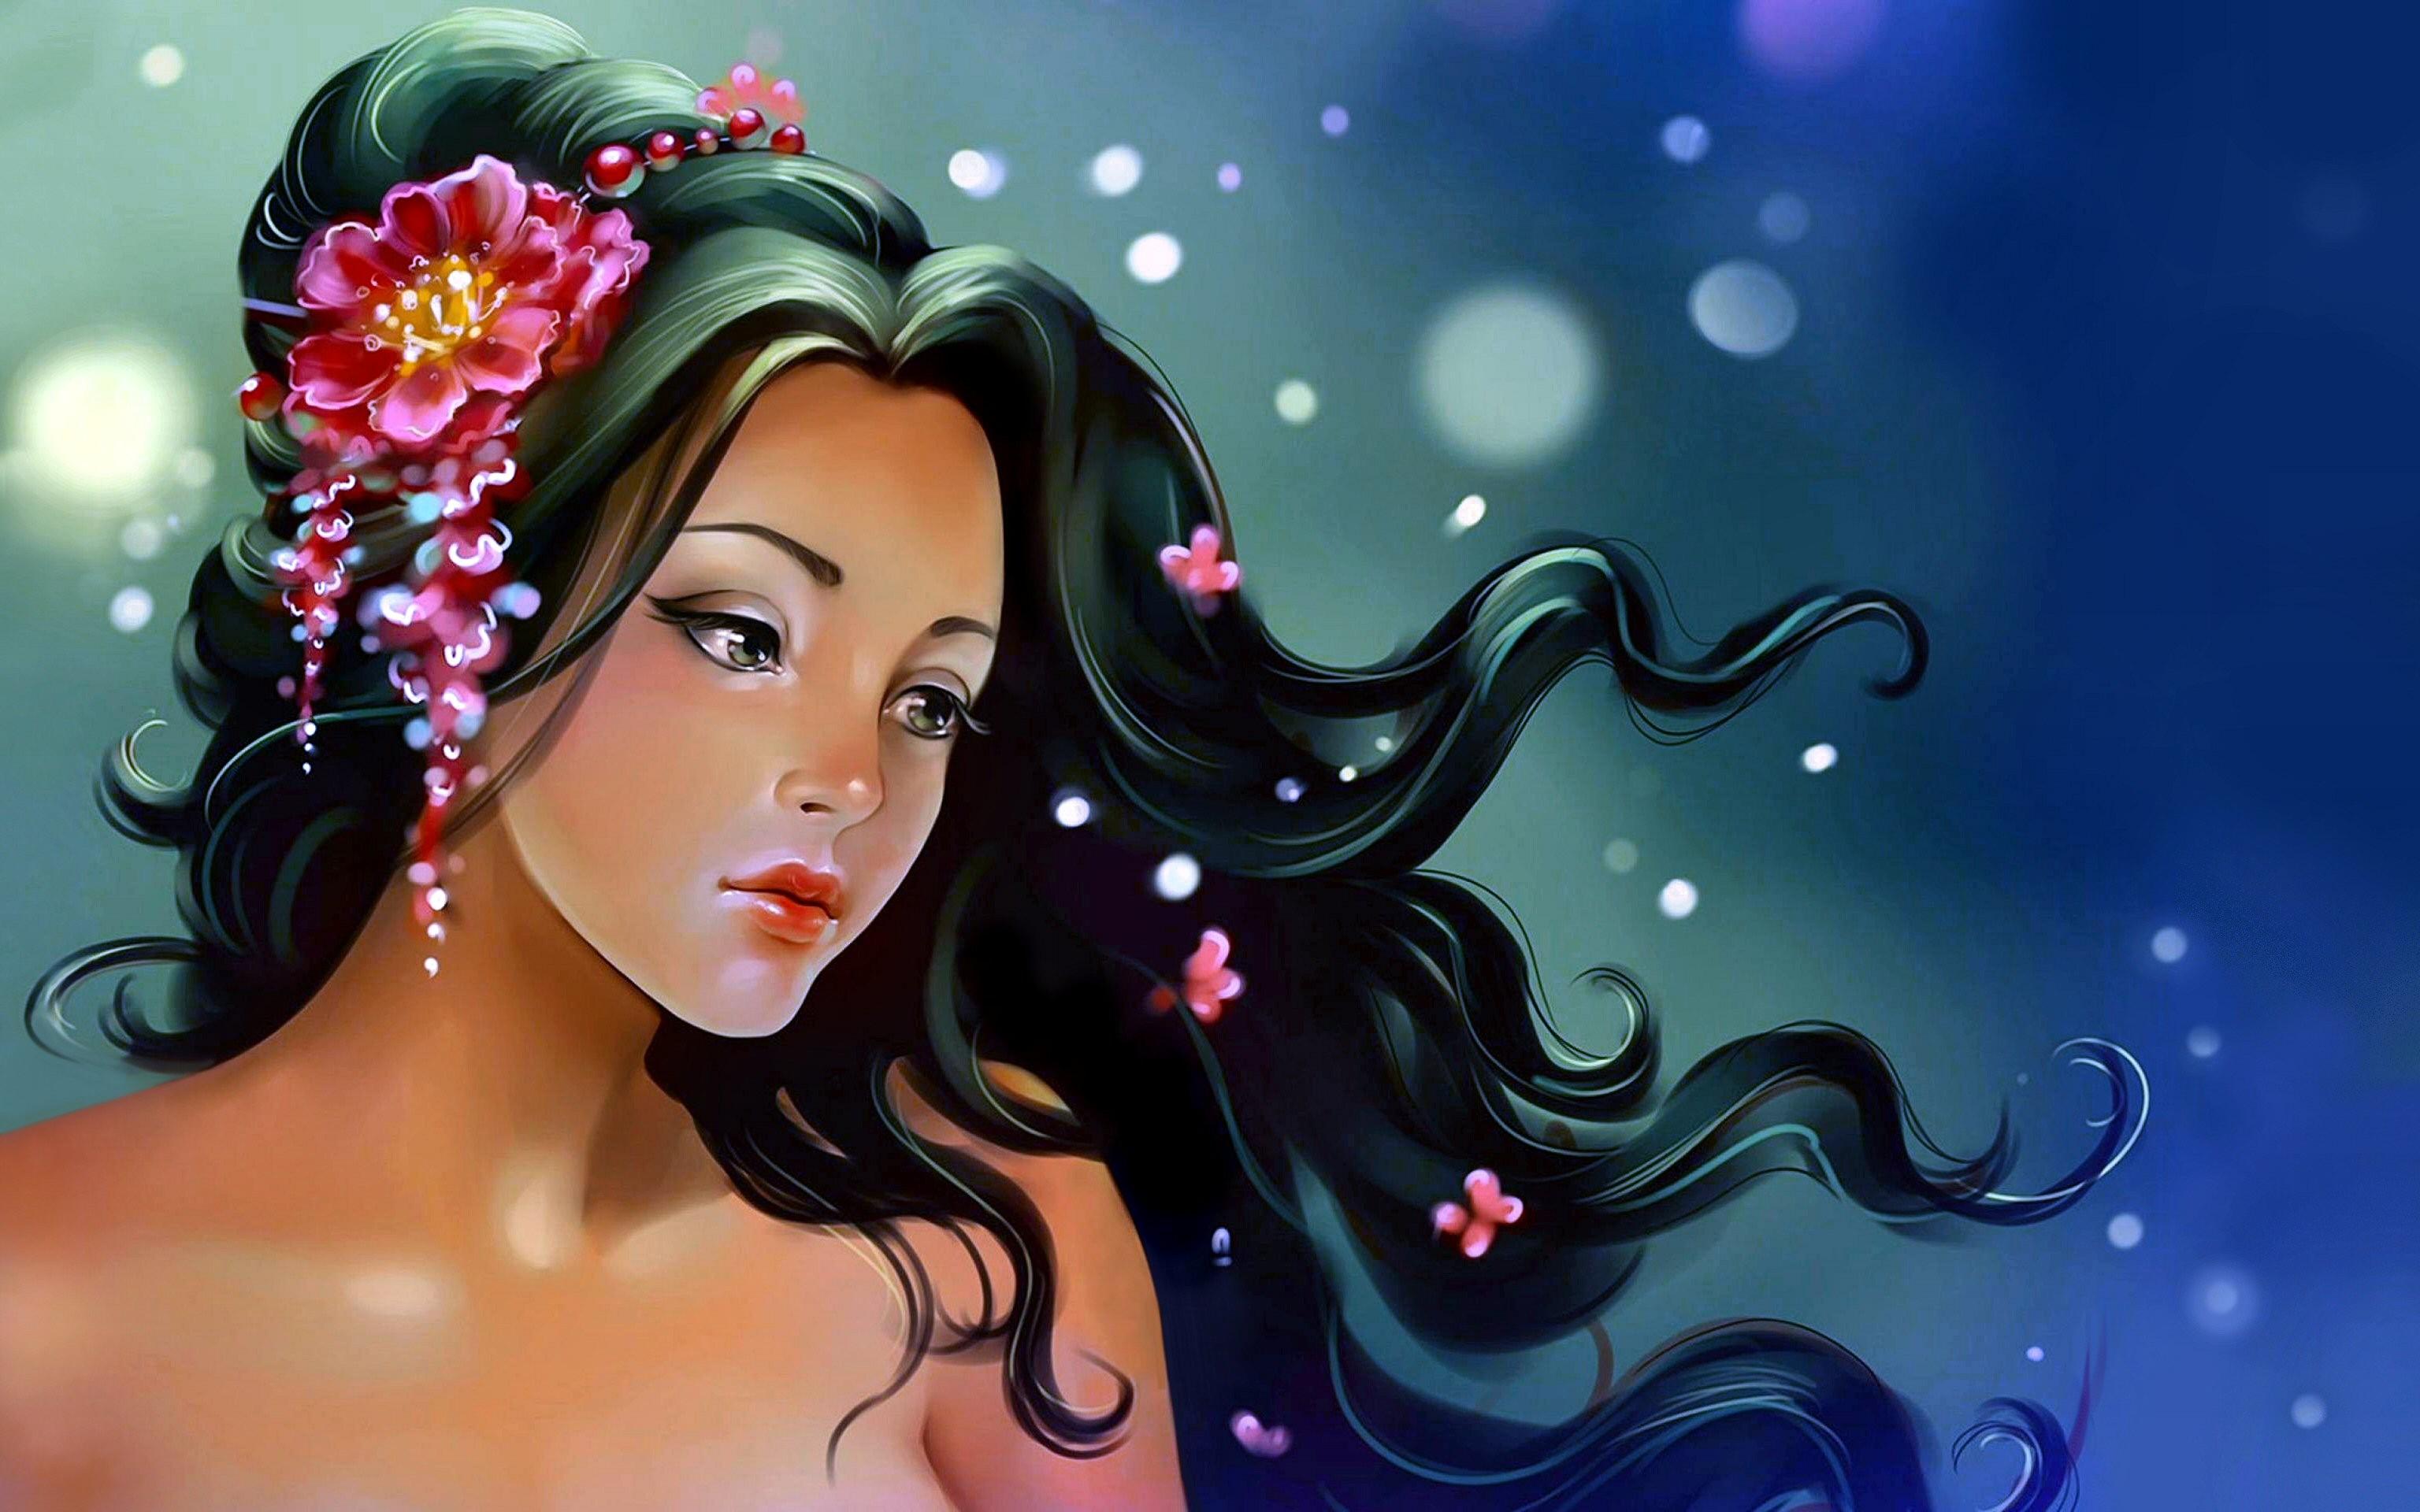 Res: 3072x1920, Pretty Woman Wallpaper